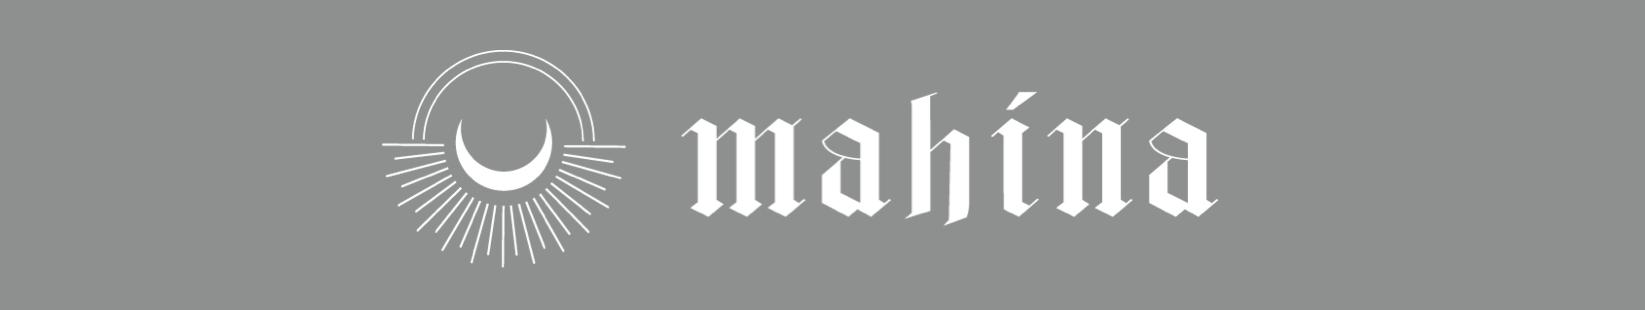 Mahina_store_%e3%83%ad%e3%82%b3%e3%82%99